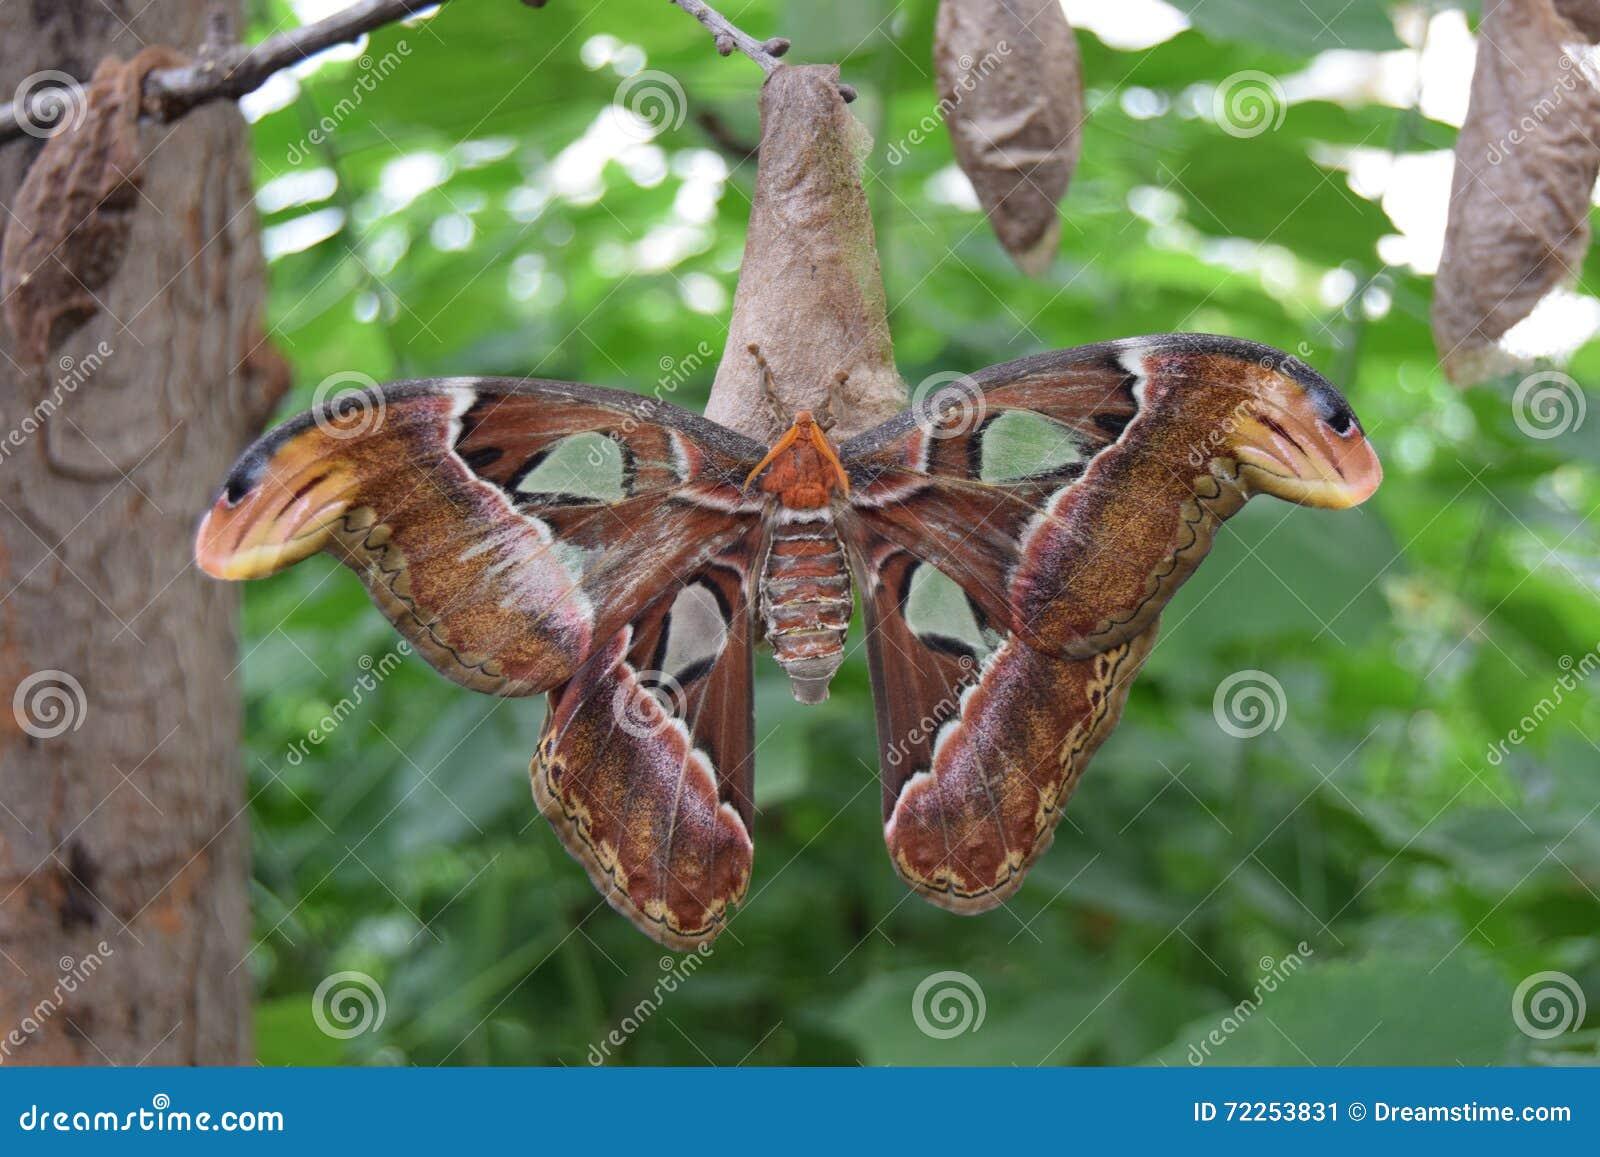 Schmetterling, Atlasspinner, Insekt